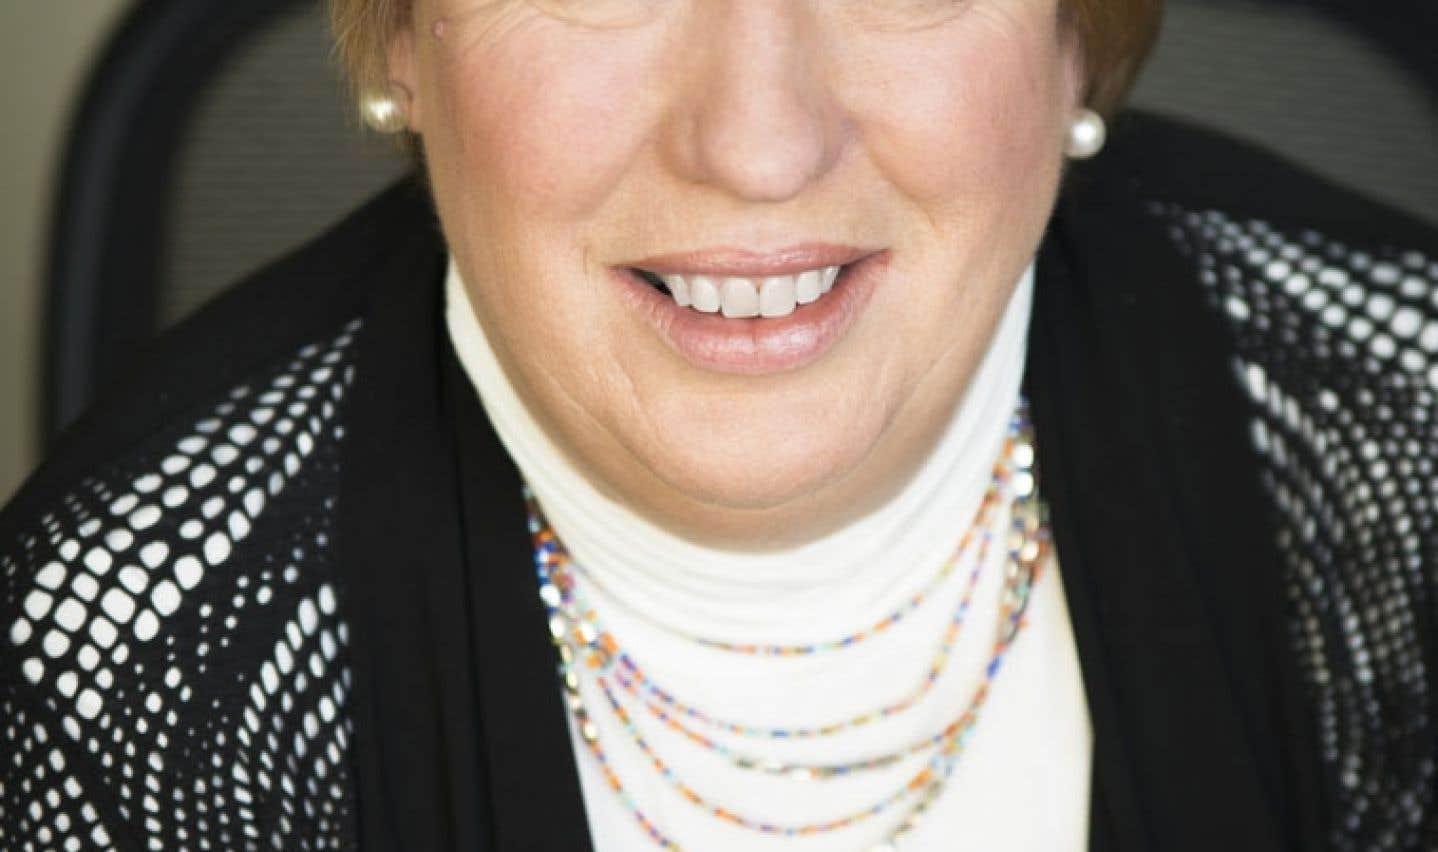 Diane Mockle, présidente de la Fondation pour l'alphabétisation, veut sensibiliser les auteurs aux besoins des faibles lecteurs.